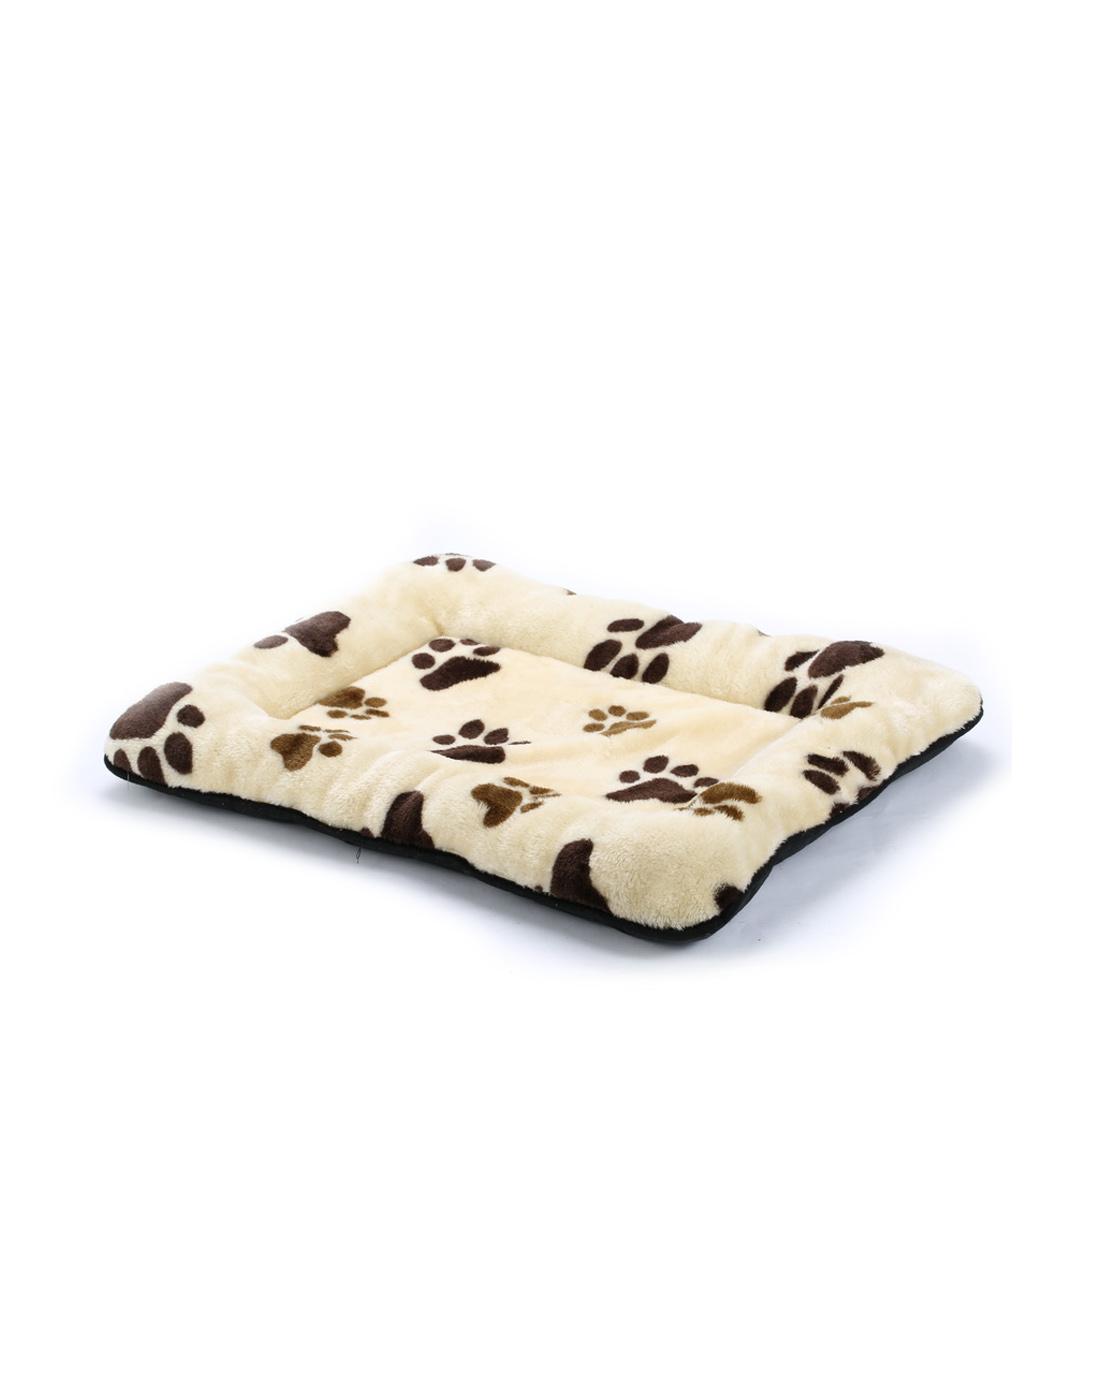 Groothandel prijs huisdier bed zachte pluche kat hond mat antislip huisdier mat